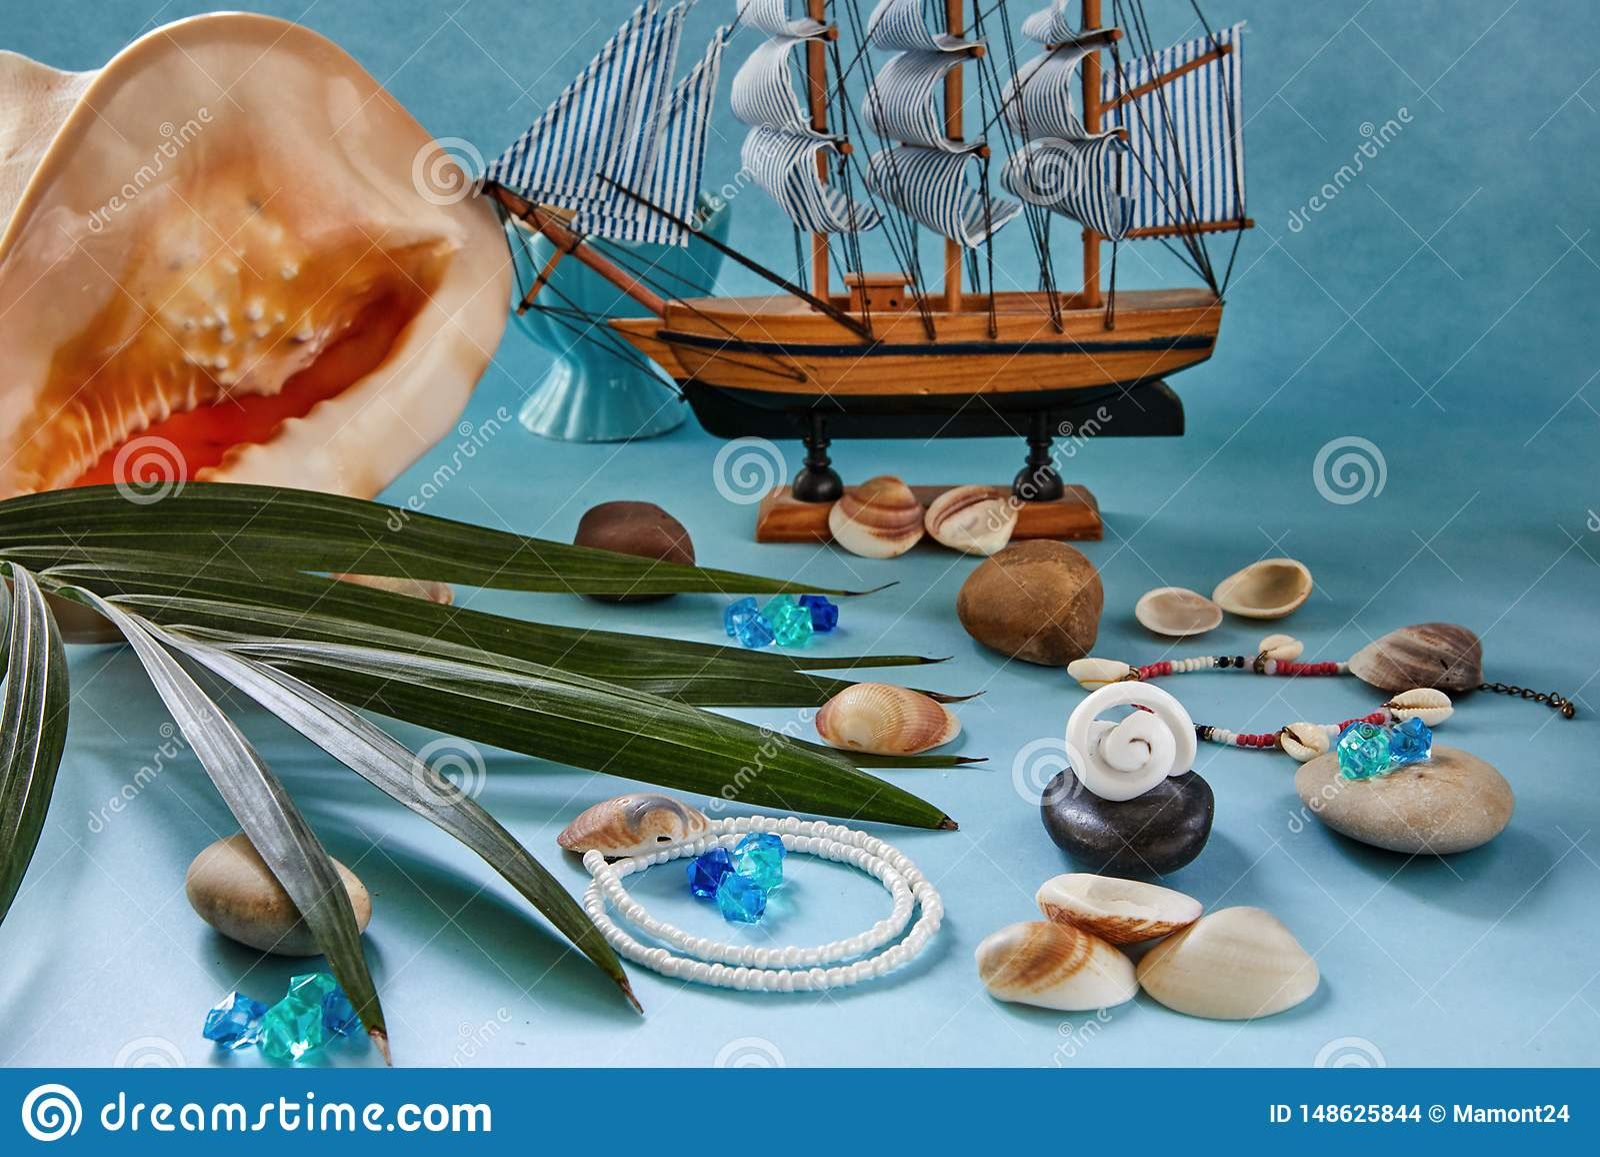 Strandtillbeh?r, sn?ckskal och fartyg p? en bl? bakgrund